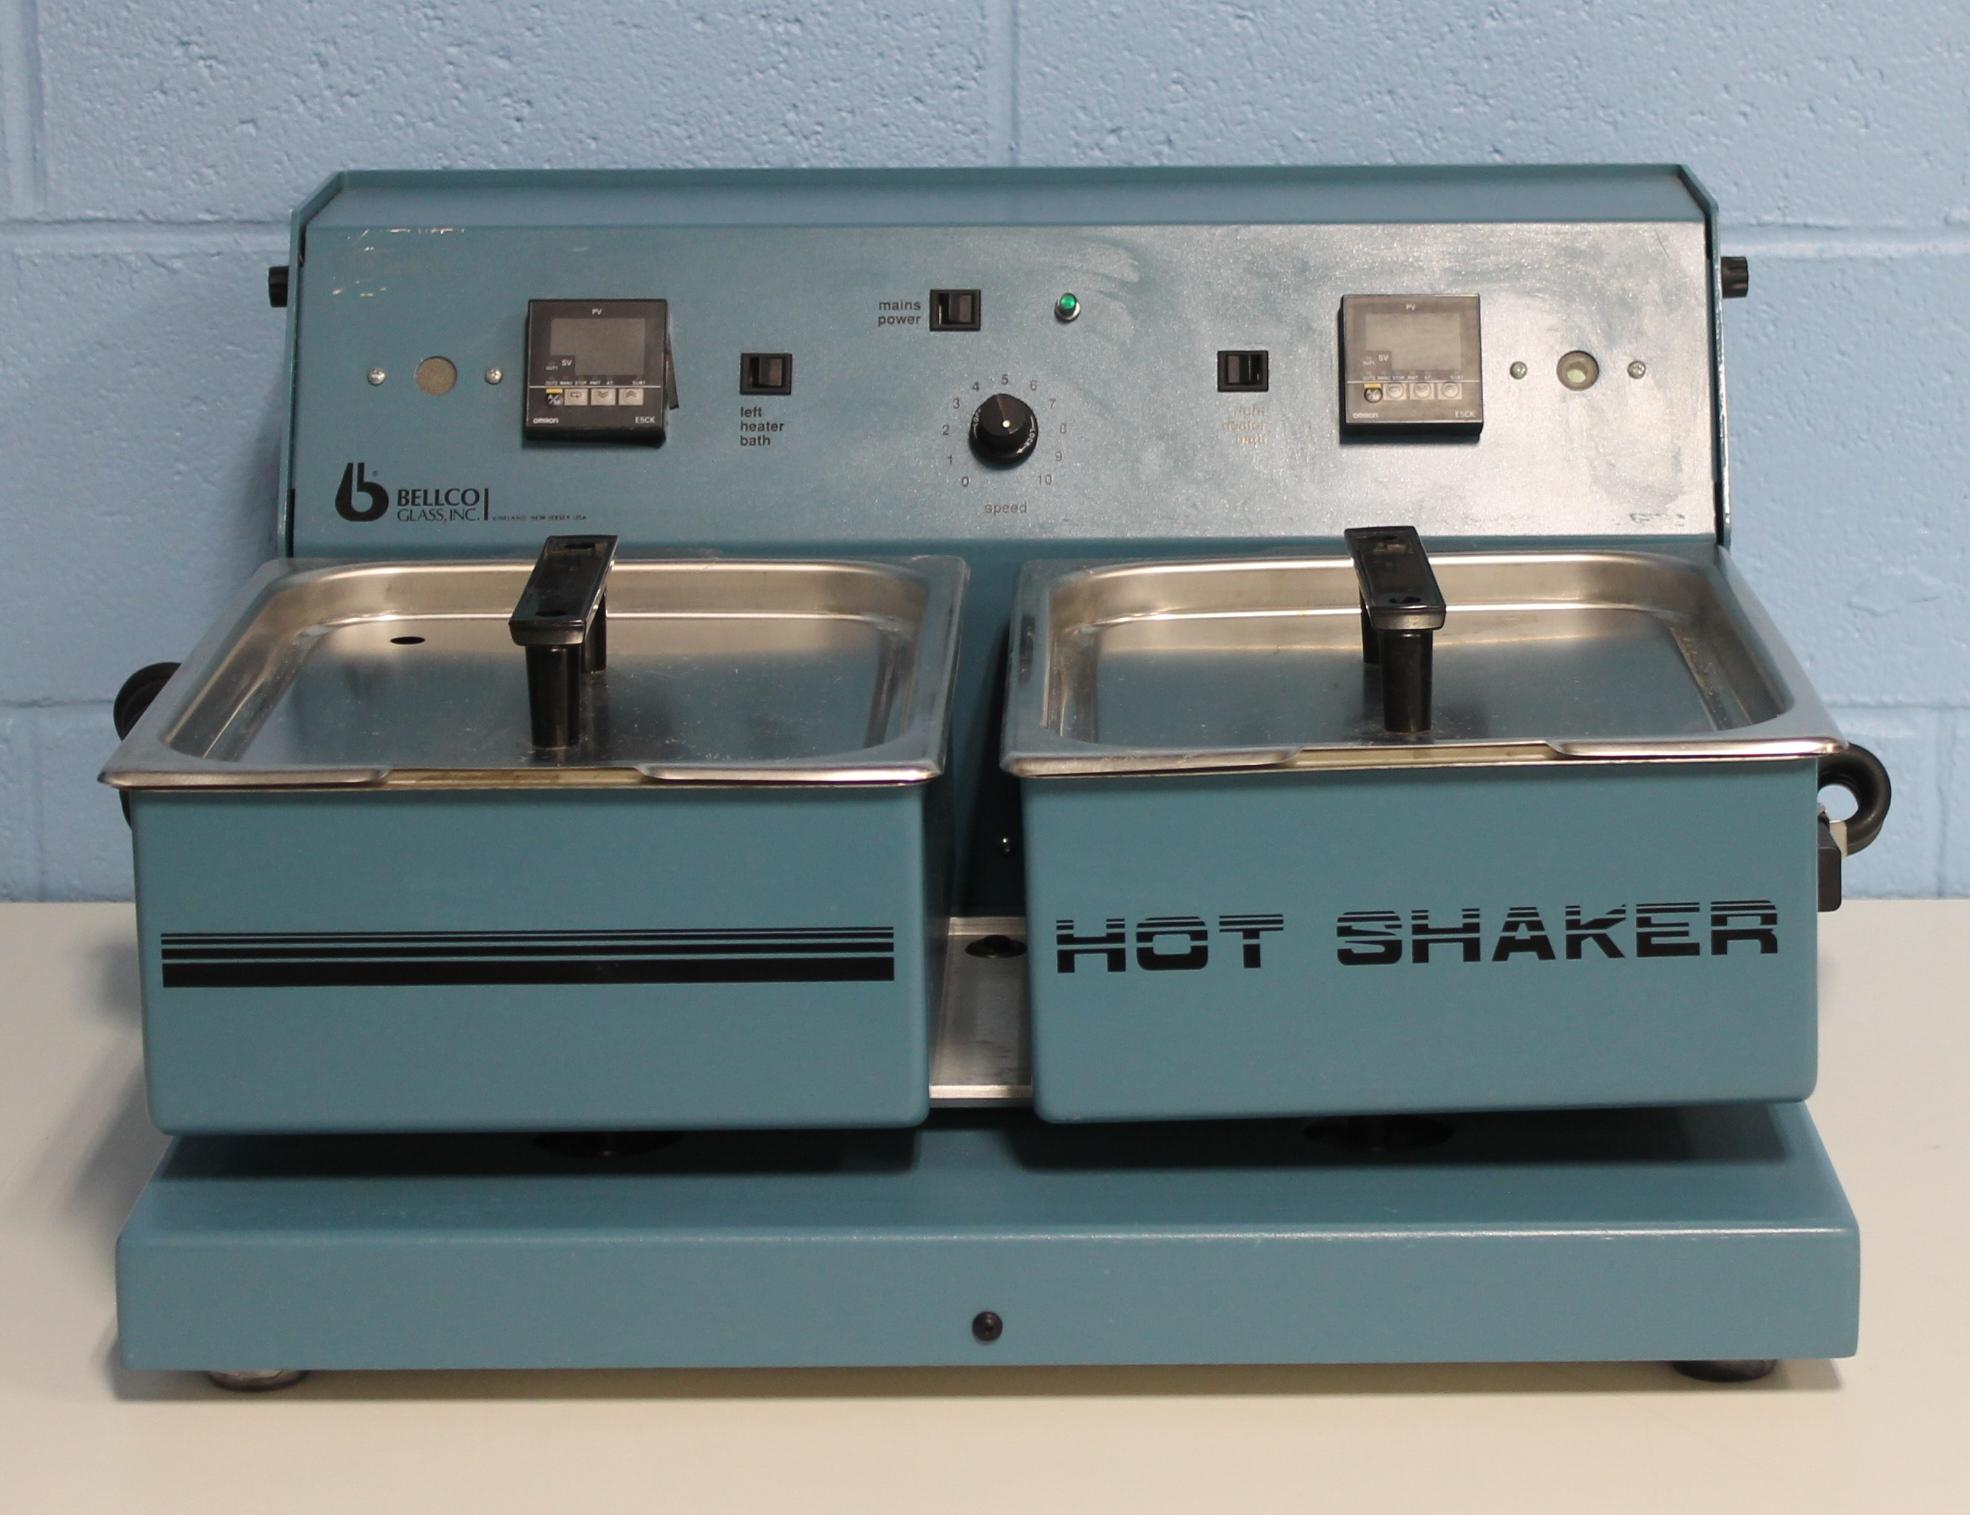 Bellco Glass, Inc. Dual Pan Hot Shaker Image